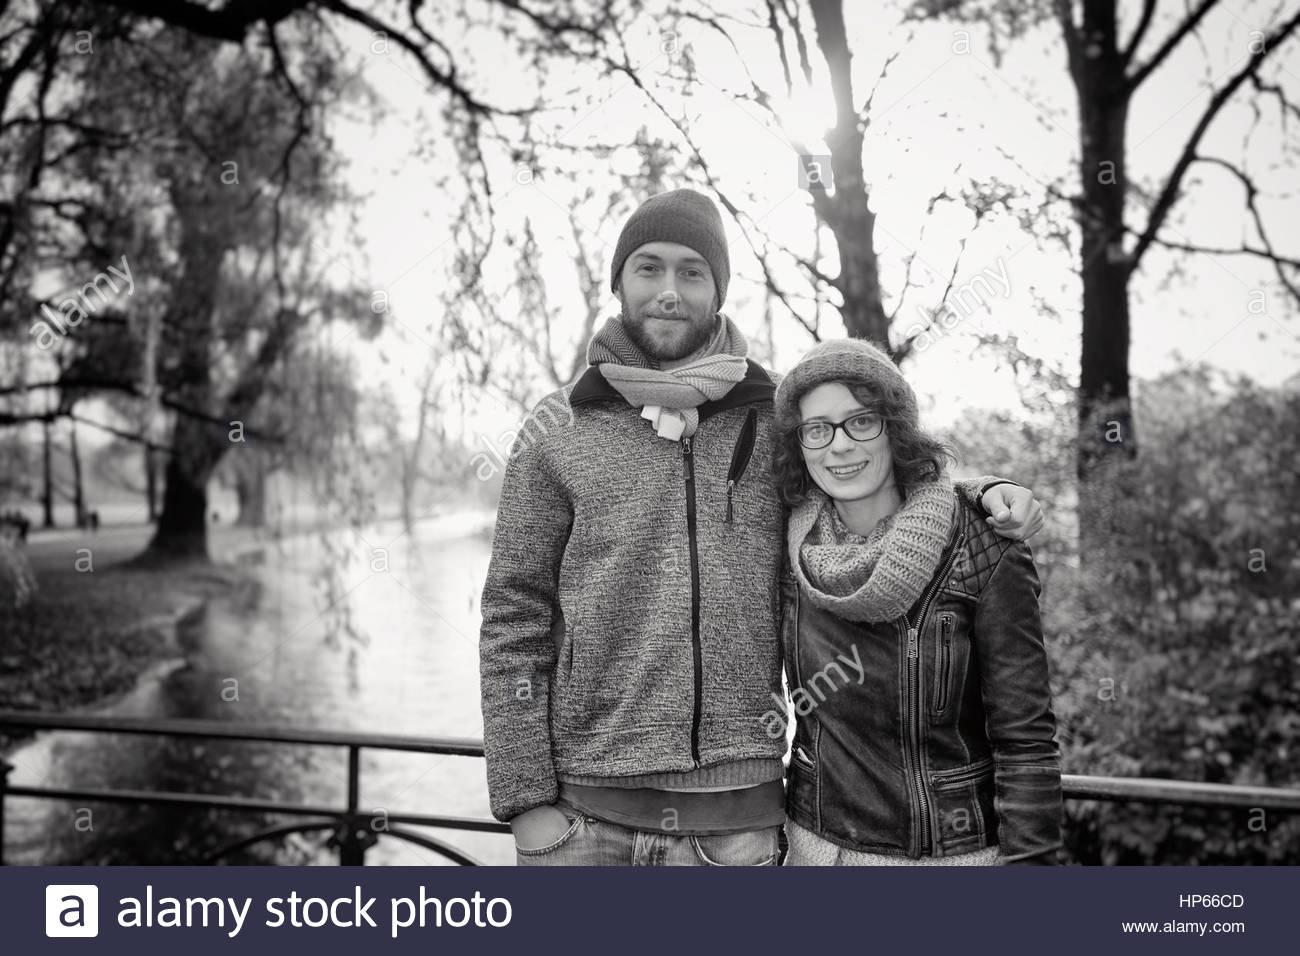 Heterosexual couple bridge hugging smiling 20s 30s - Stock Image